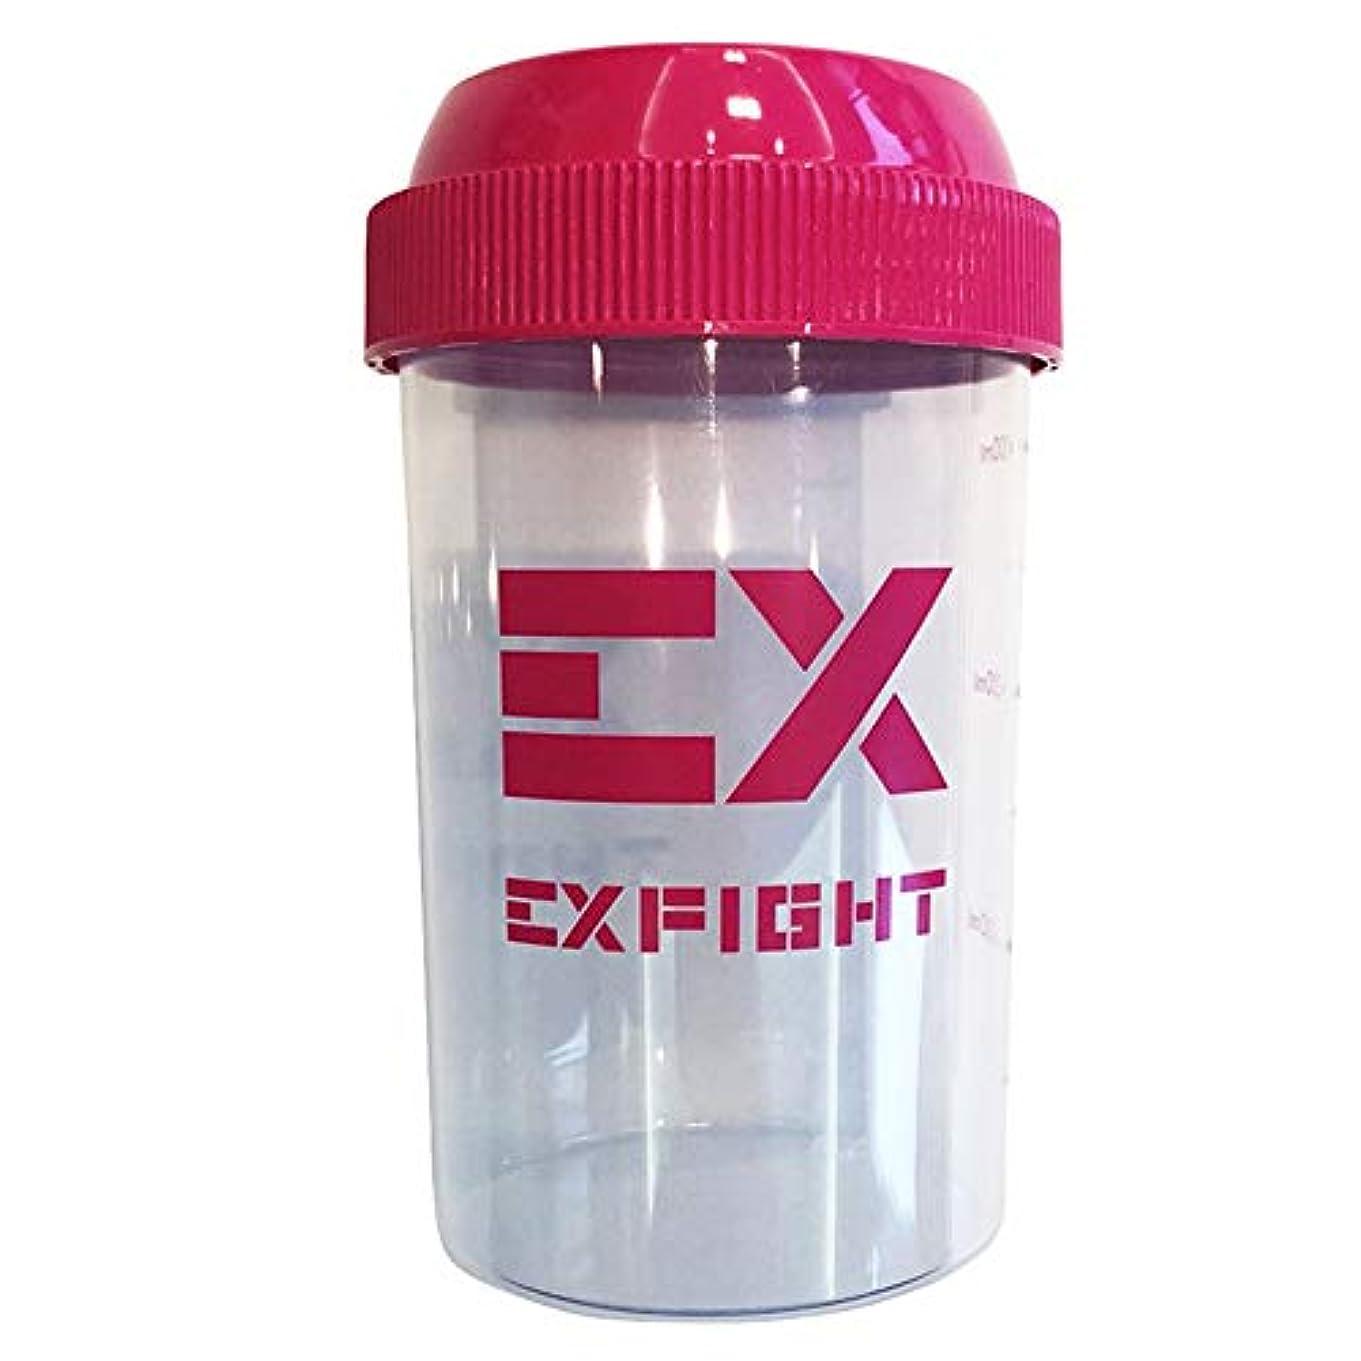 マスク地下室悪党EX-SHAKER シェイカーボトル ピンク 300ml(エクスサプリ EXSUPPLI シェーカー EXILE サプリ)